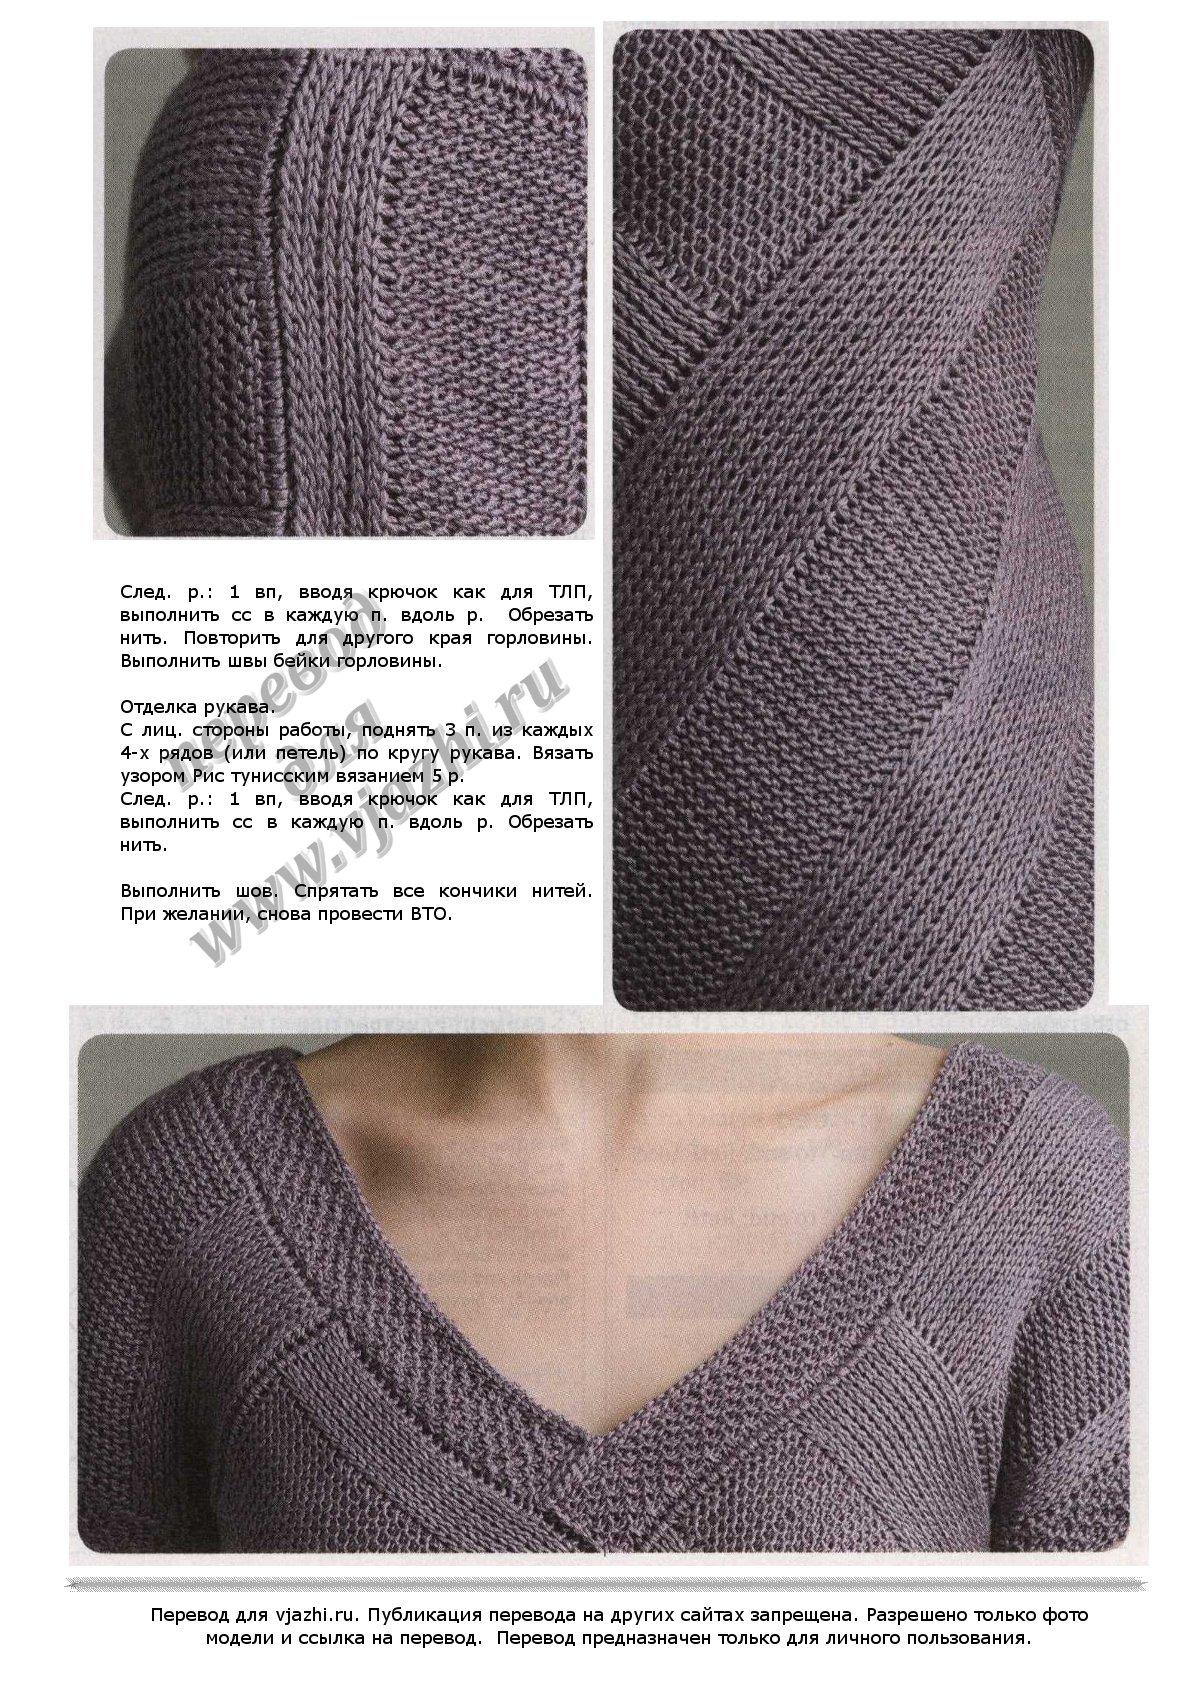 2012年秋季贝蒂的热门突尼斯针织(阿富汗针) - maomao - 我随心动